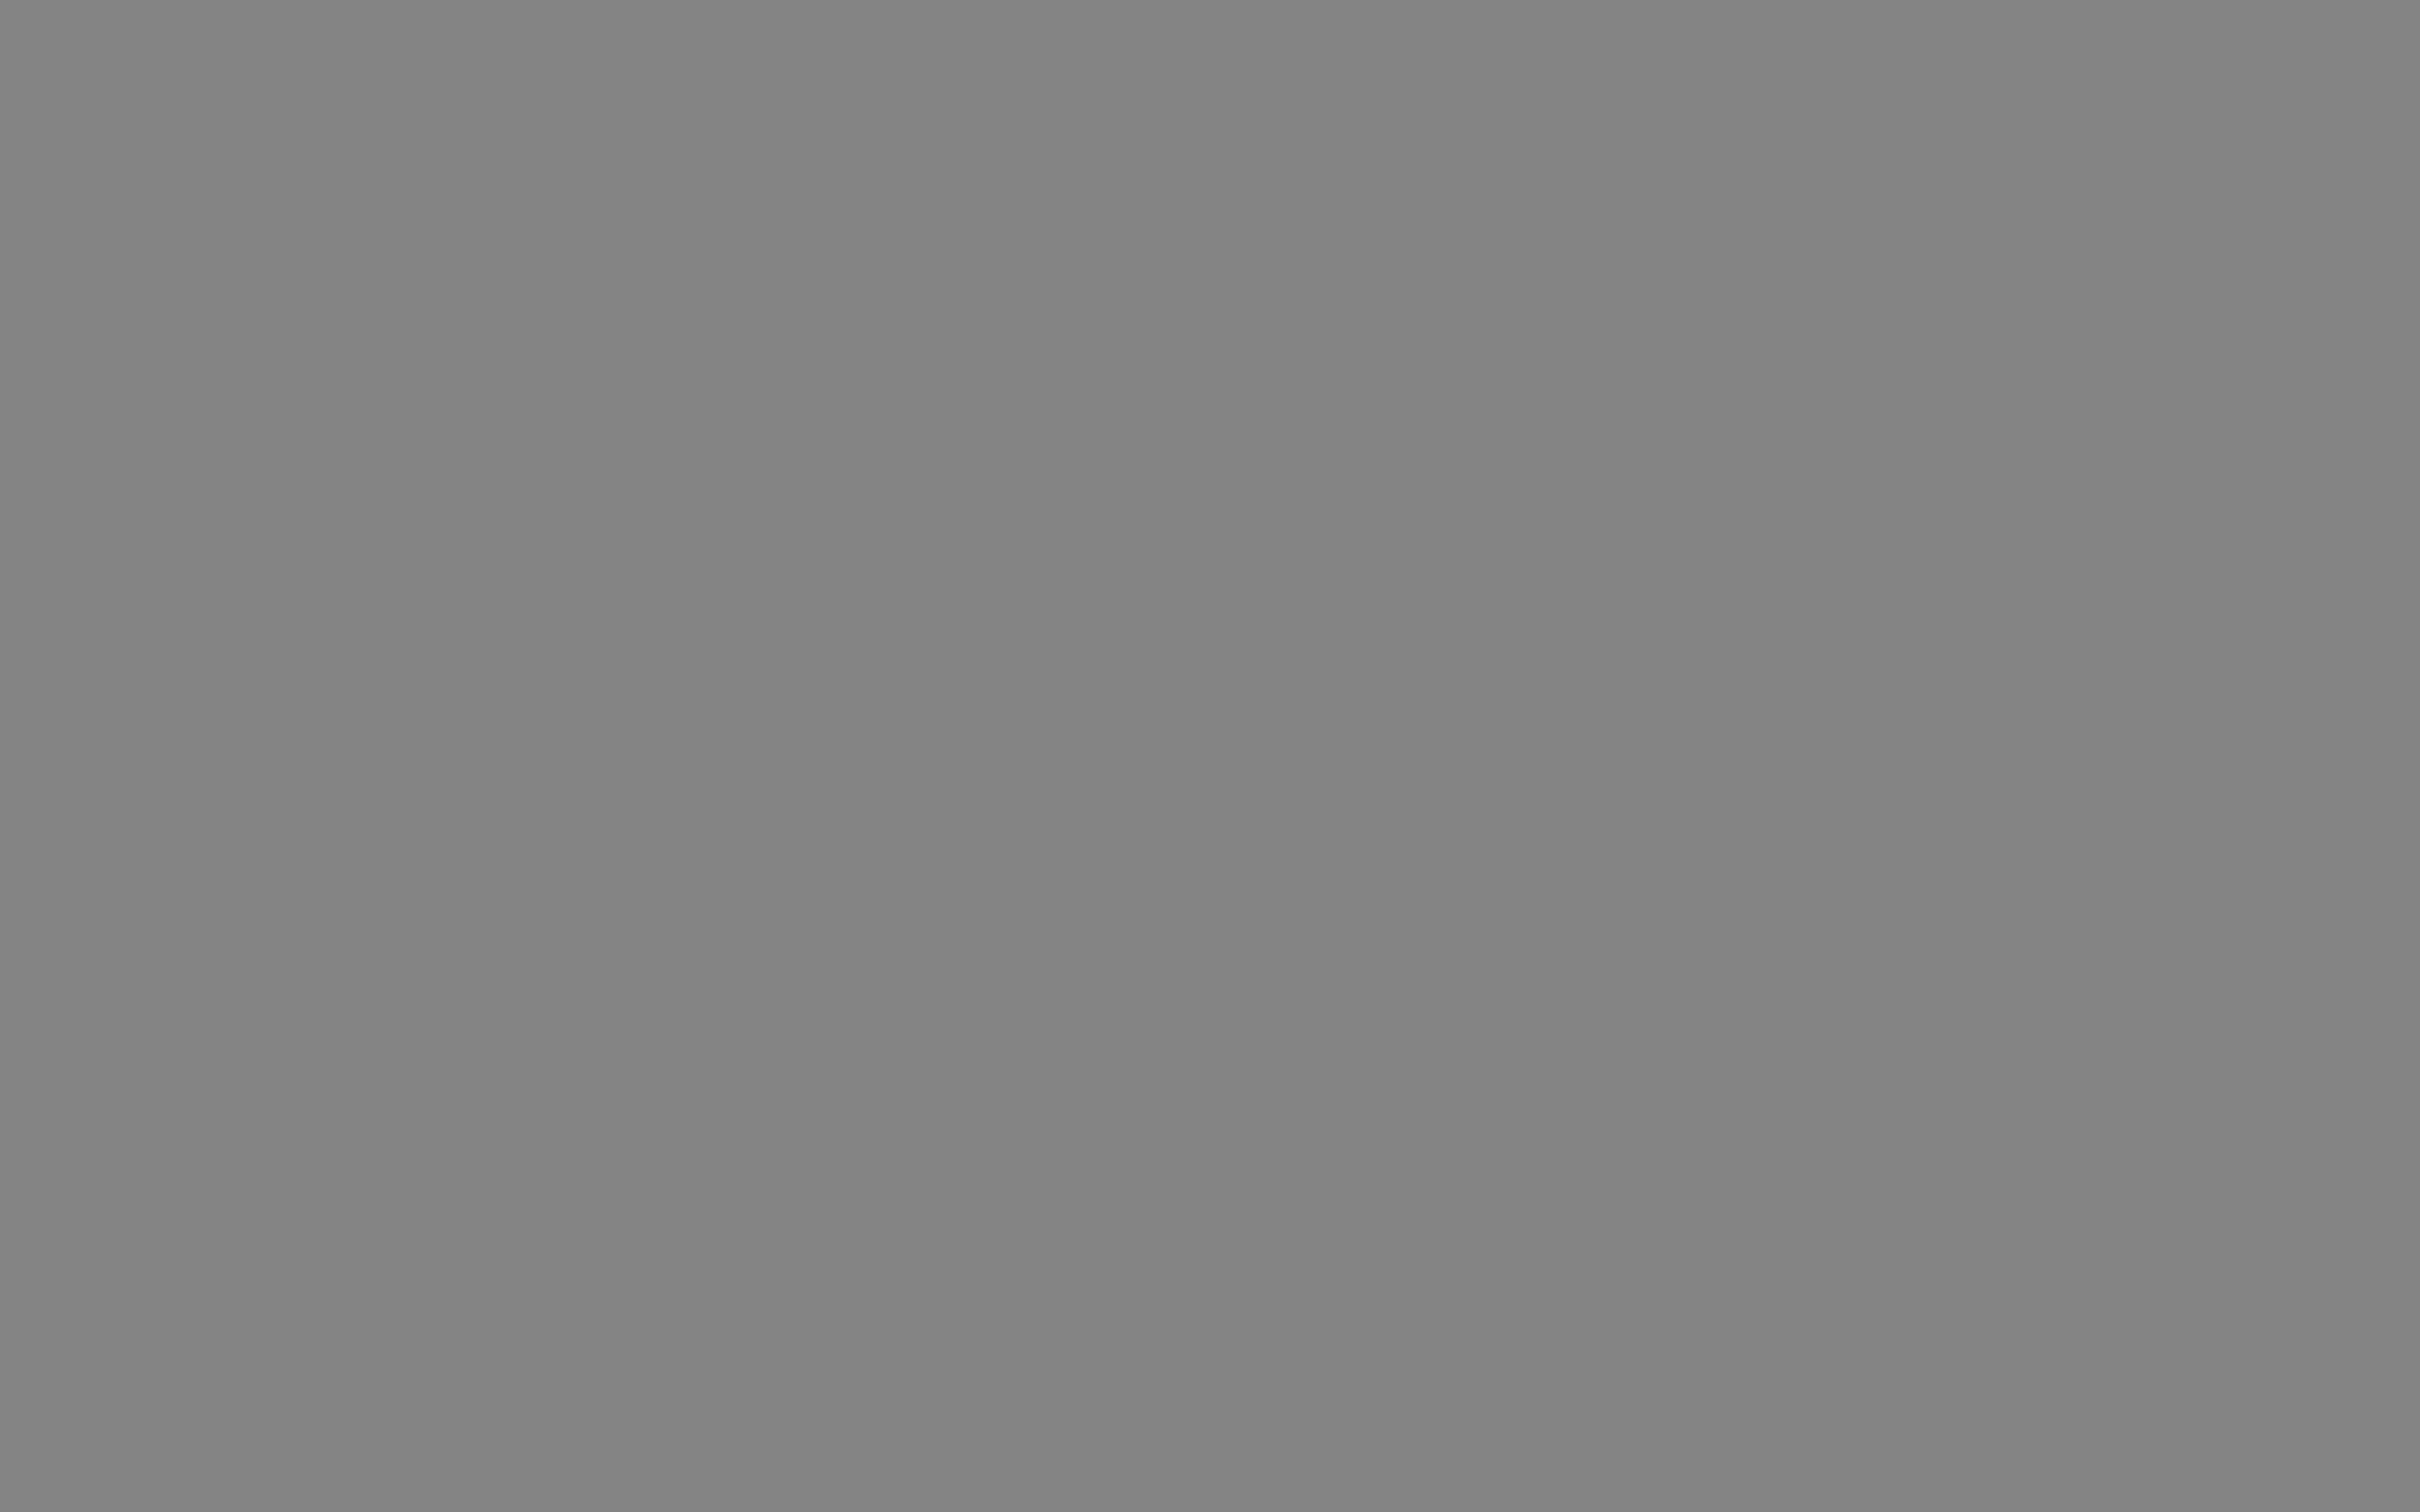 Black Solid Color Backgrounds Solid Color Background